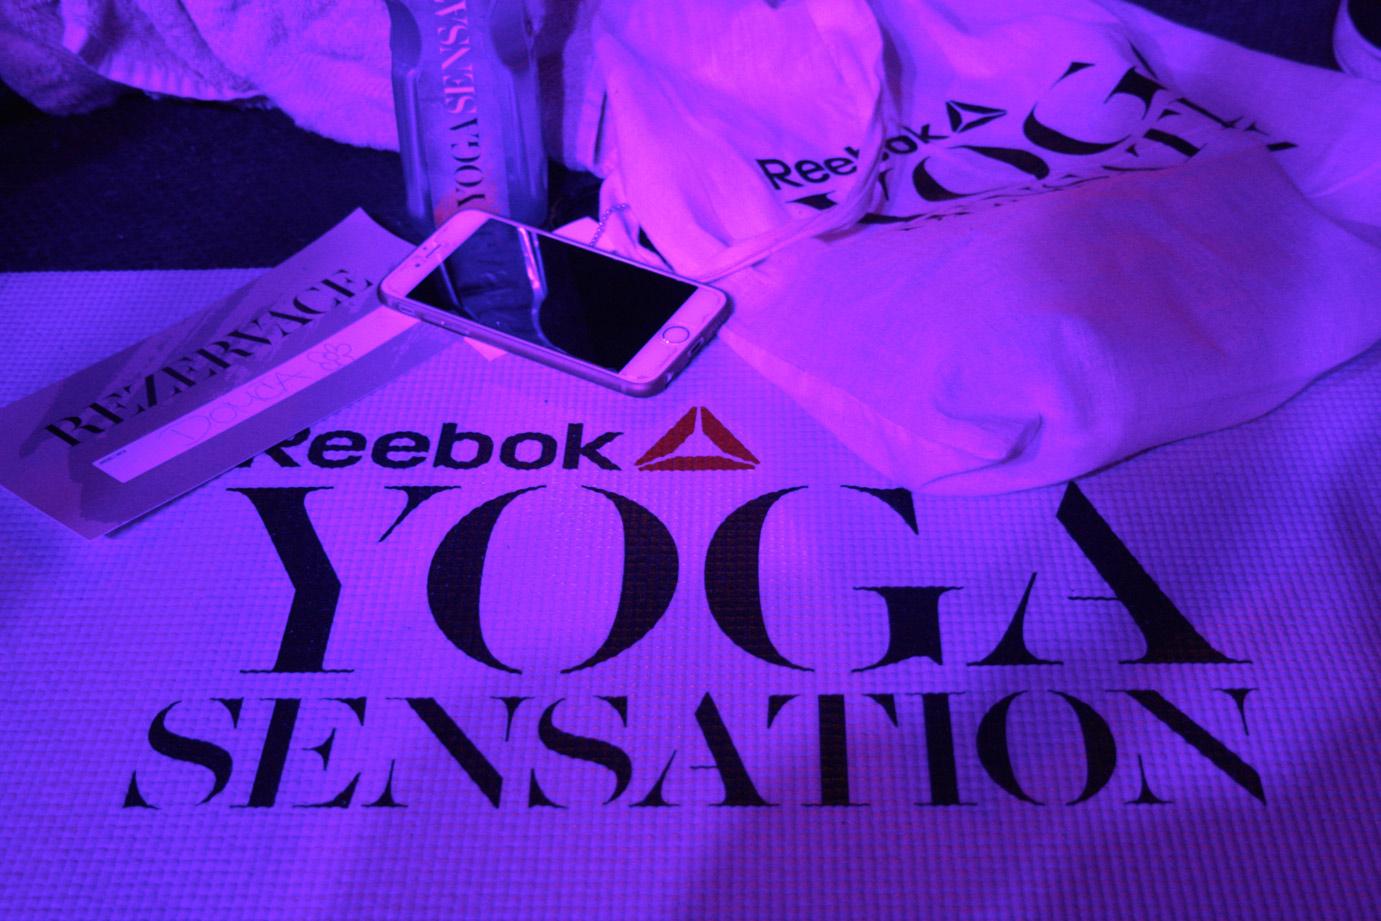 REEBOK YOGA SENSATION 9